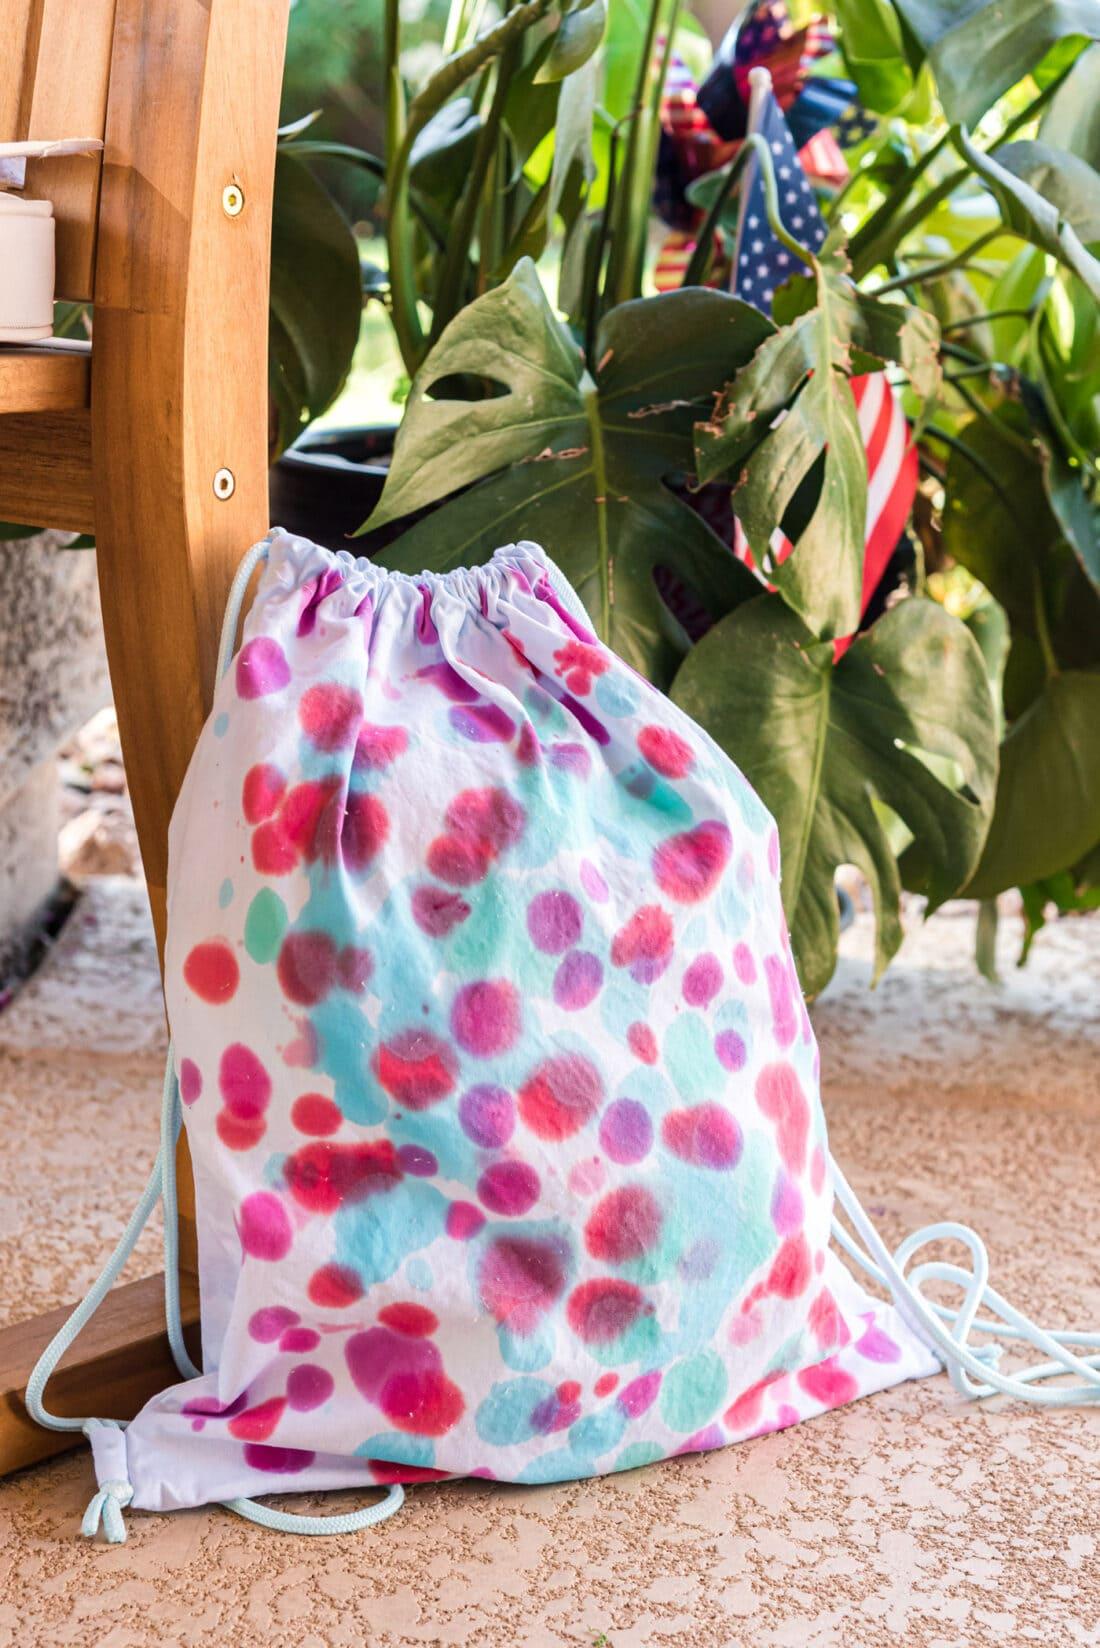 Drip Tie Dye Backpack sitting on the floor